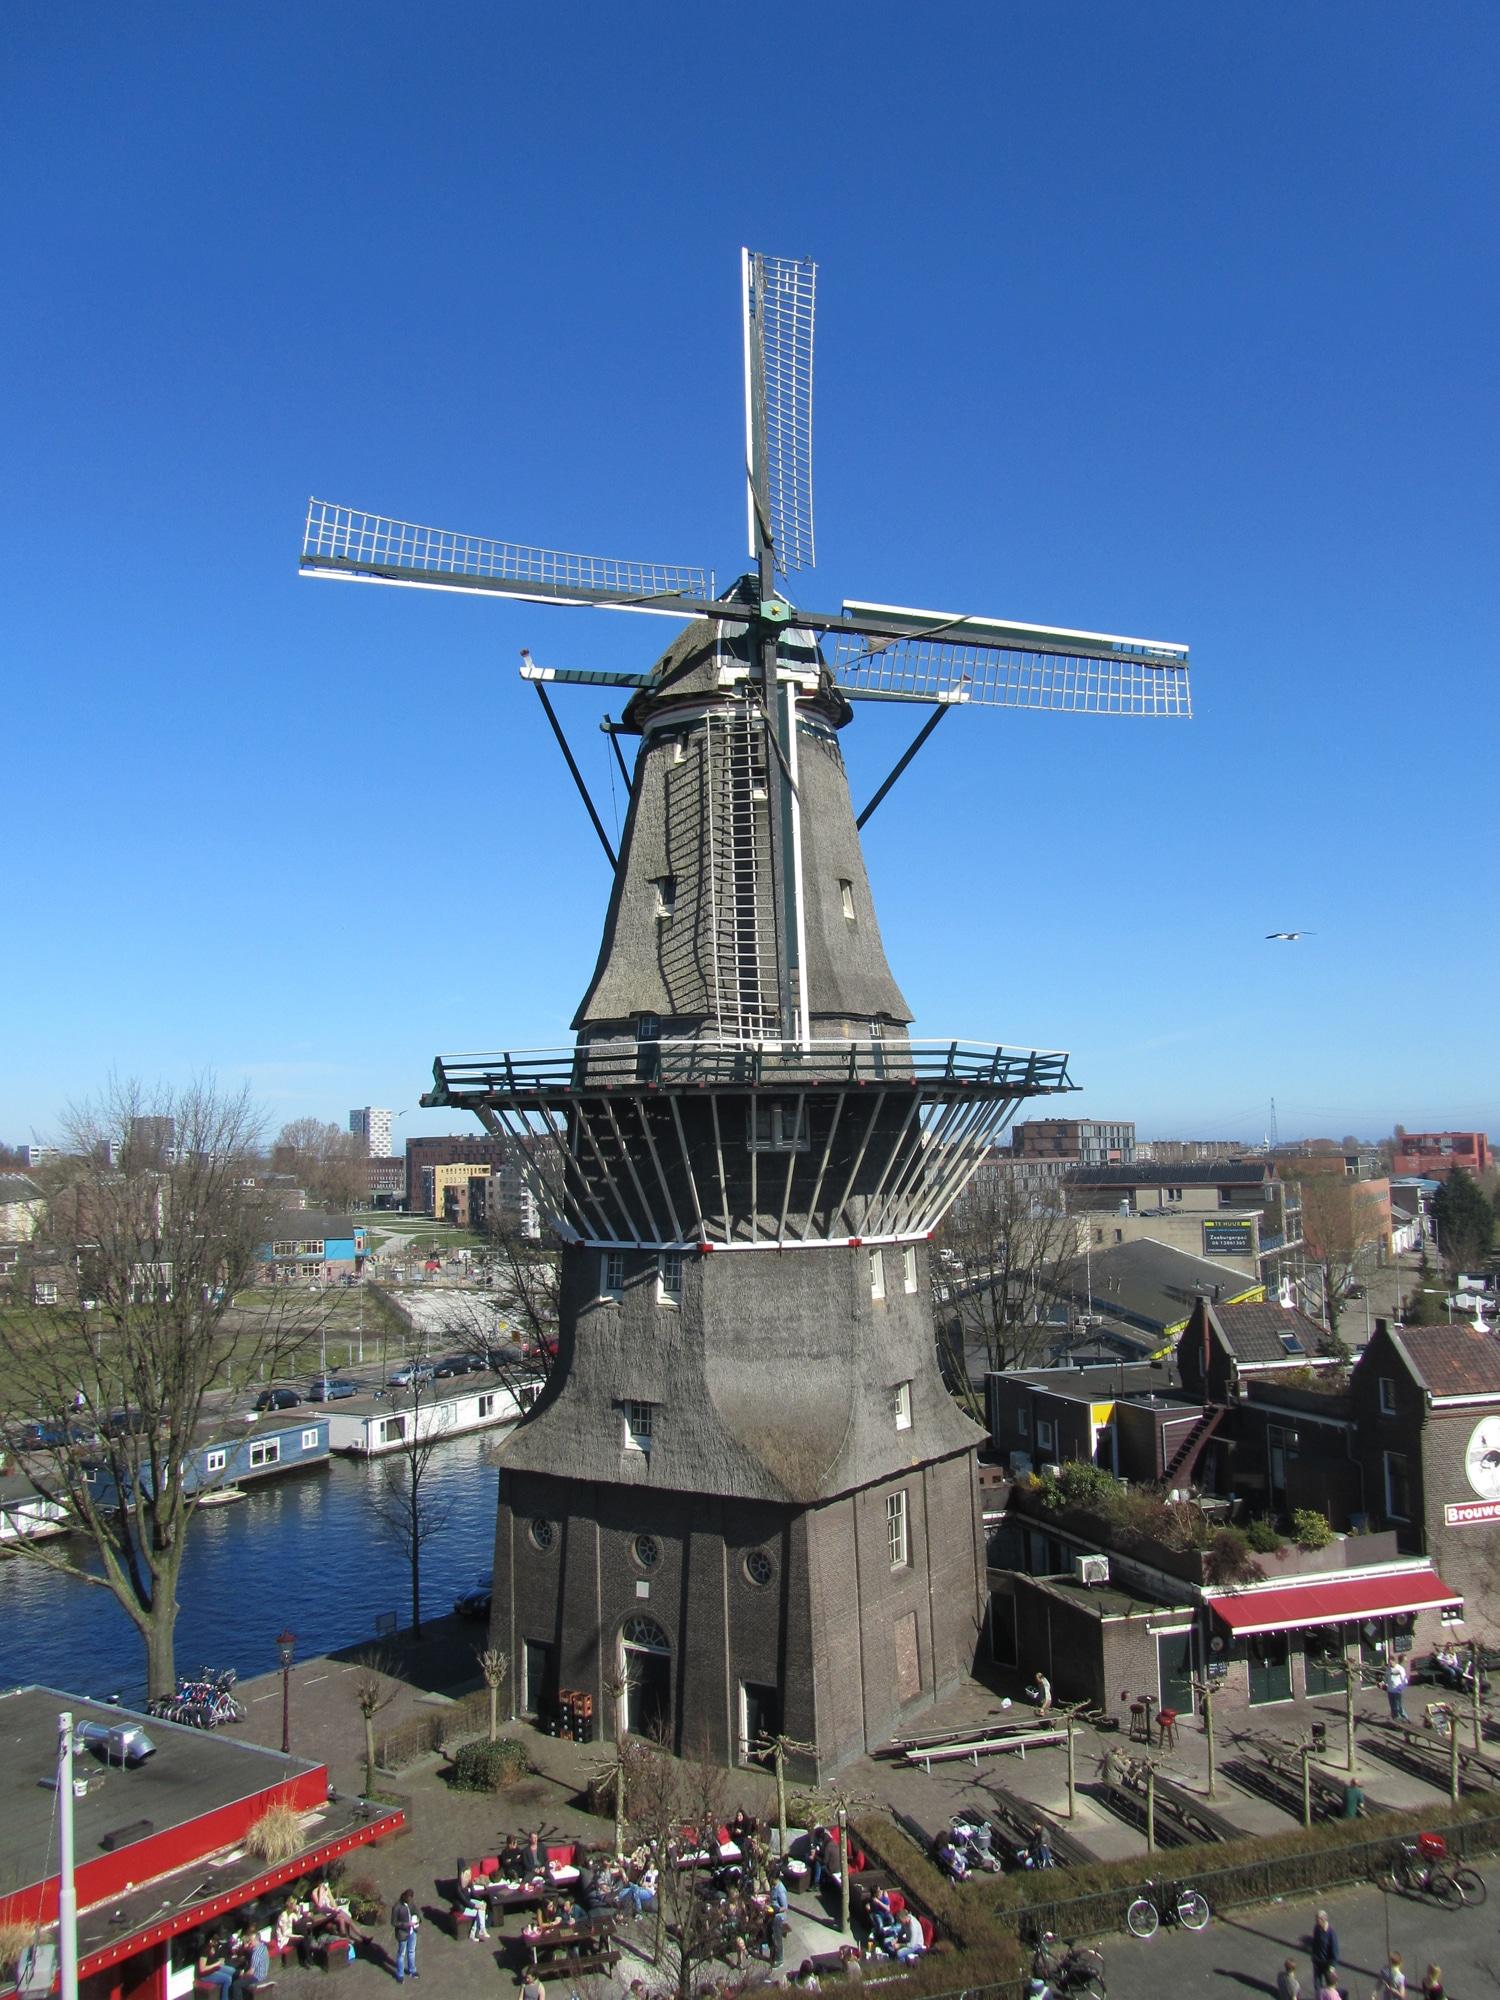 Molen de Gooyer vanaf hoog punt gefotografeerd met deel cafe Langedijk en deel brouwerij 't IJ